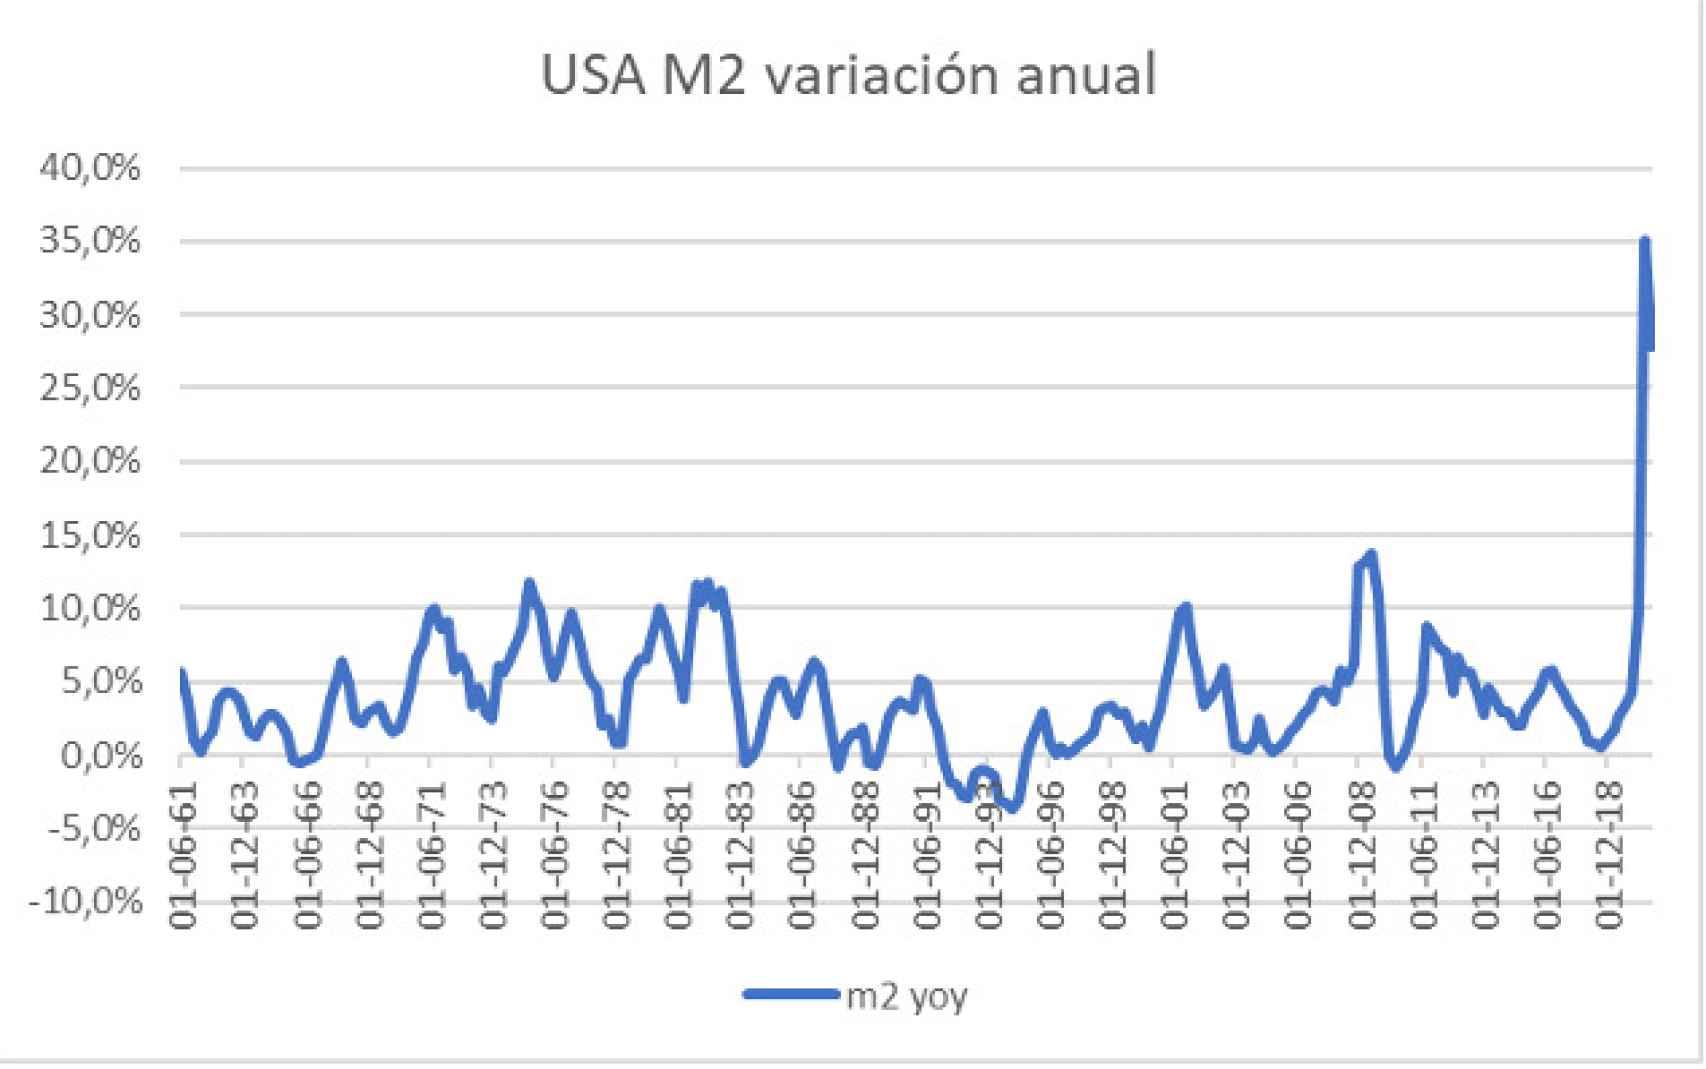 USA M2 variación anual